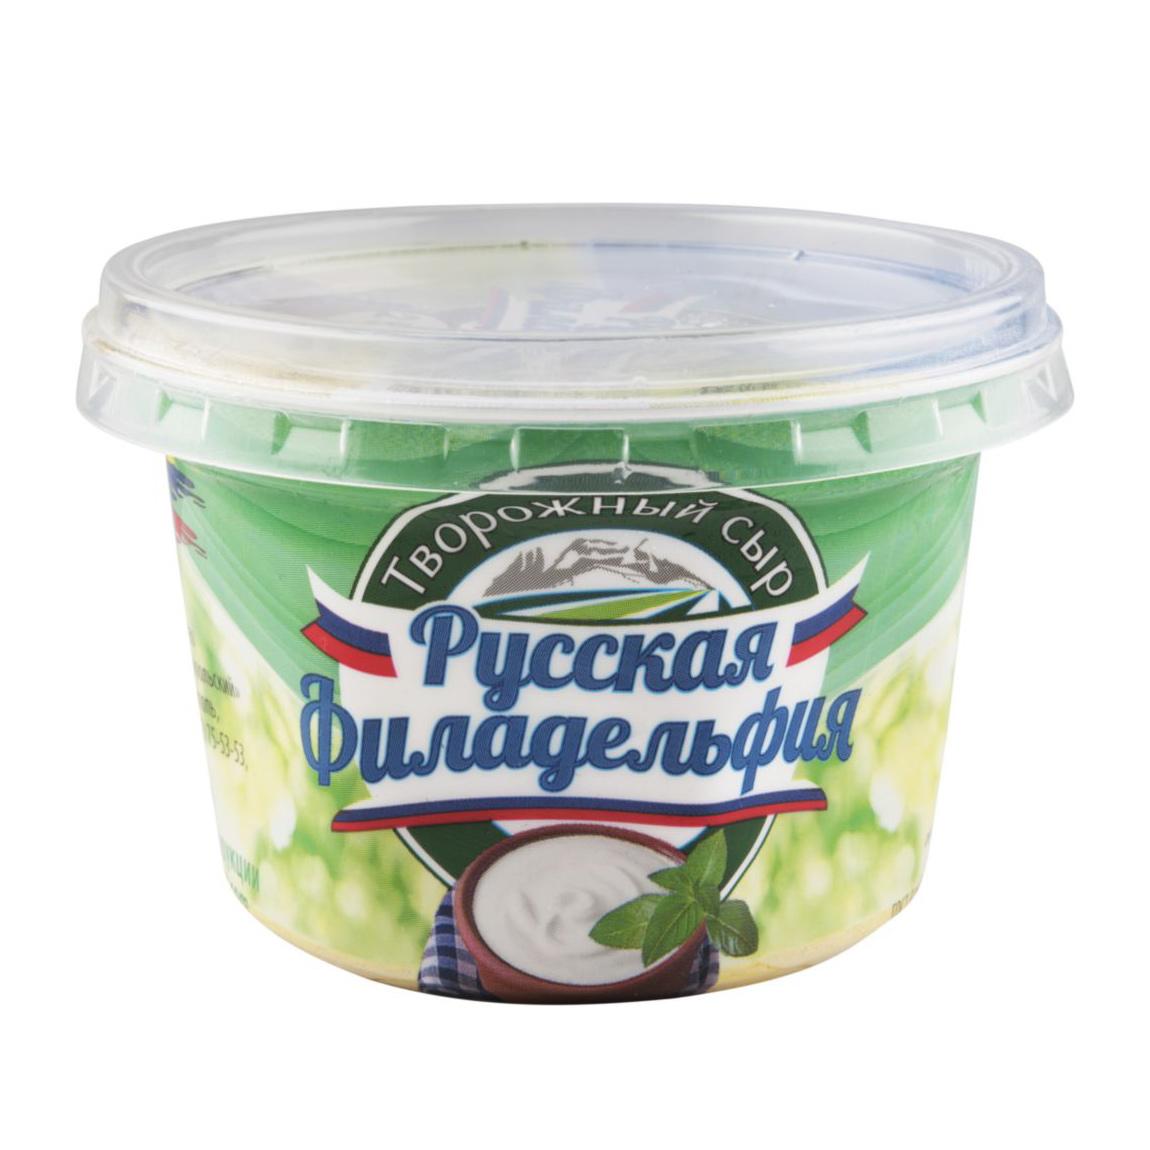 Творожный сыр Русская Филадельфия 55% 200 г комод комод филадельфия филадельфия